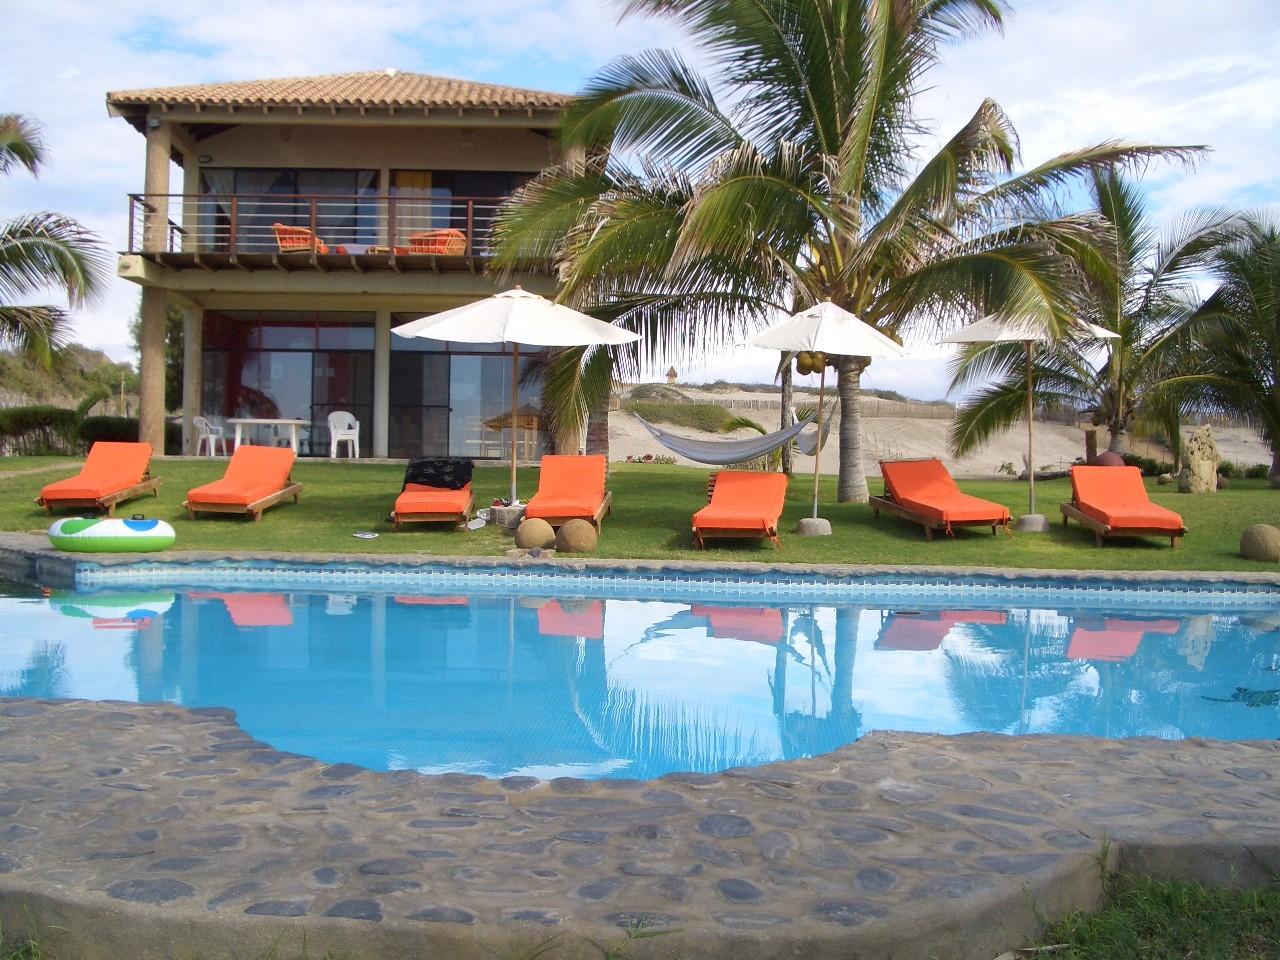 Peru destinos turisticos playas lima sur - Decoracion de casas de playa ...